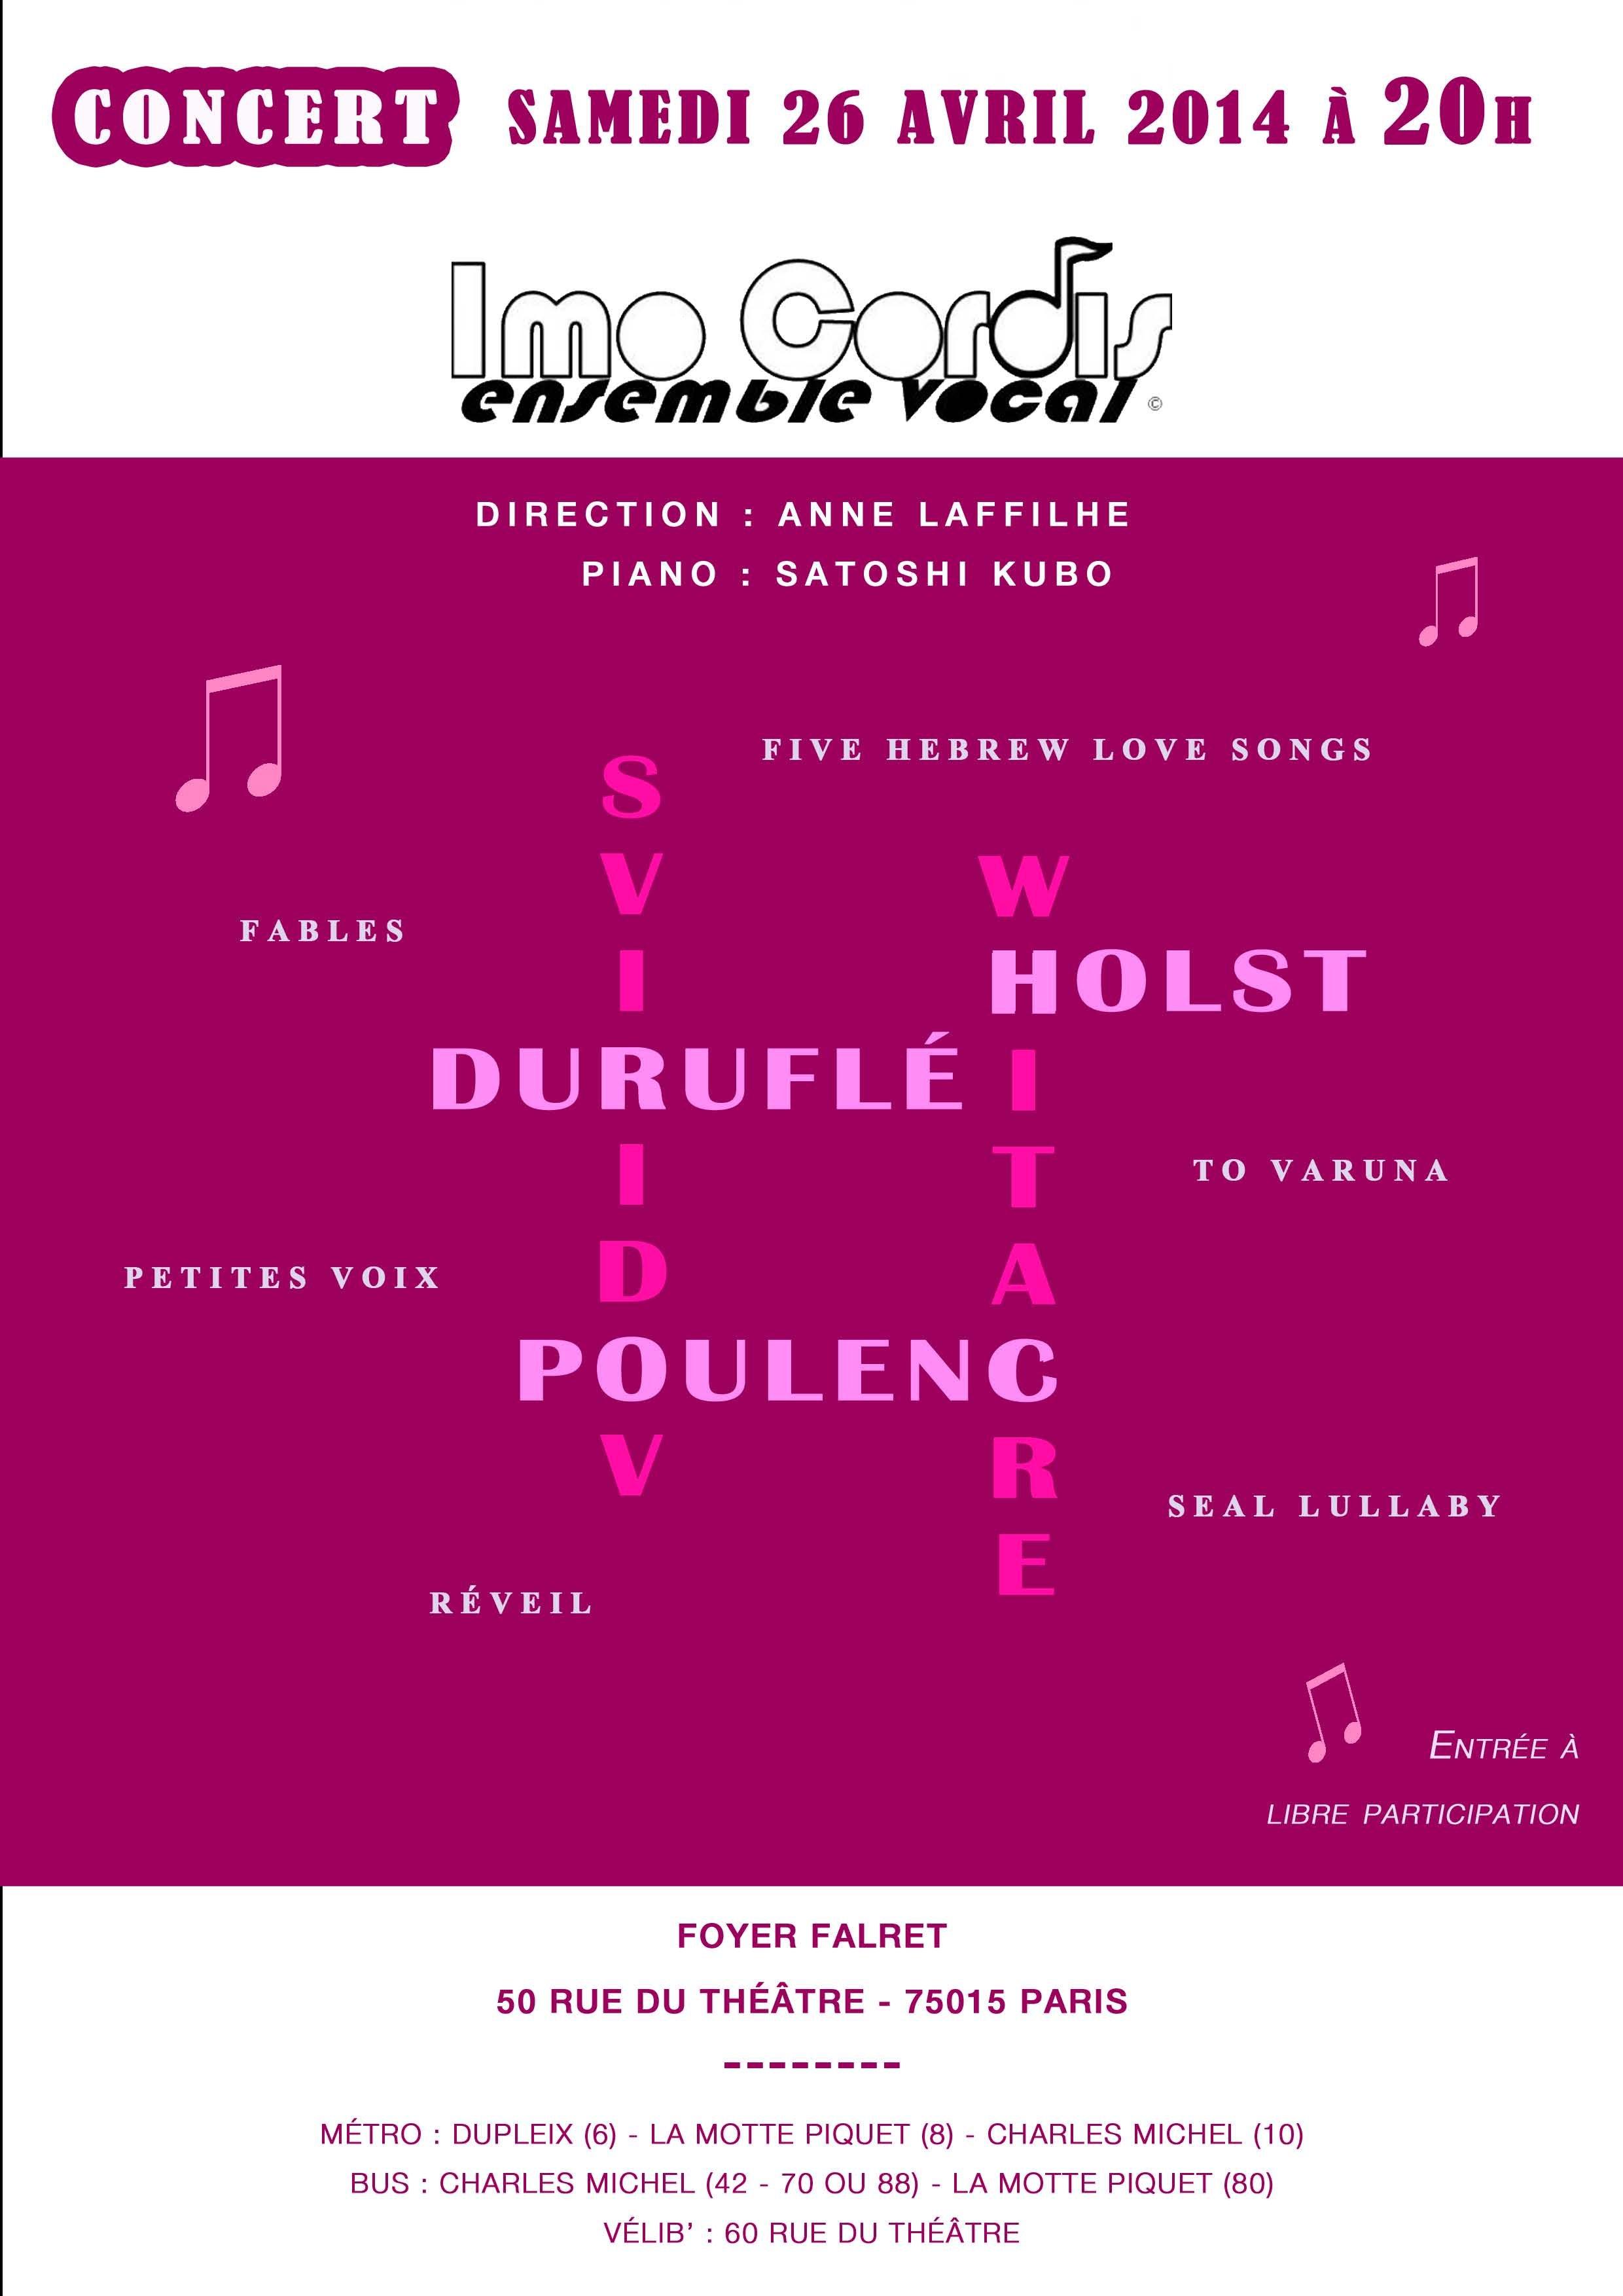 concert IMO CORDIS Affiche 26avril2014_r2